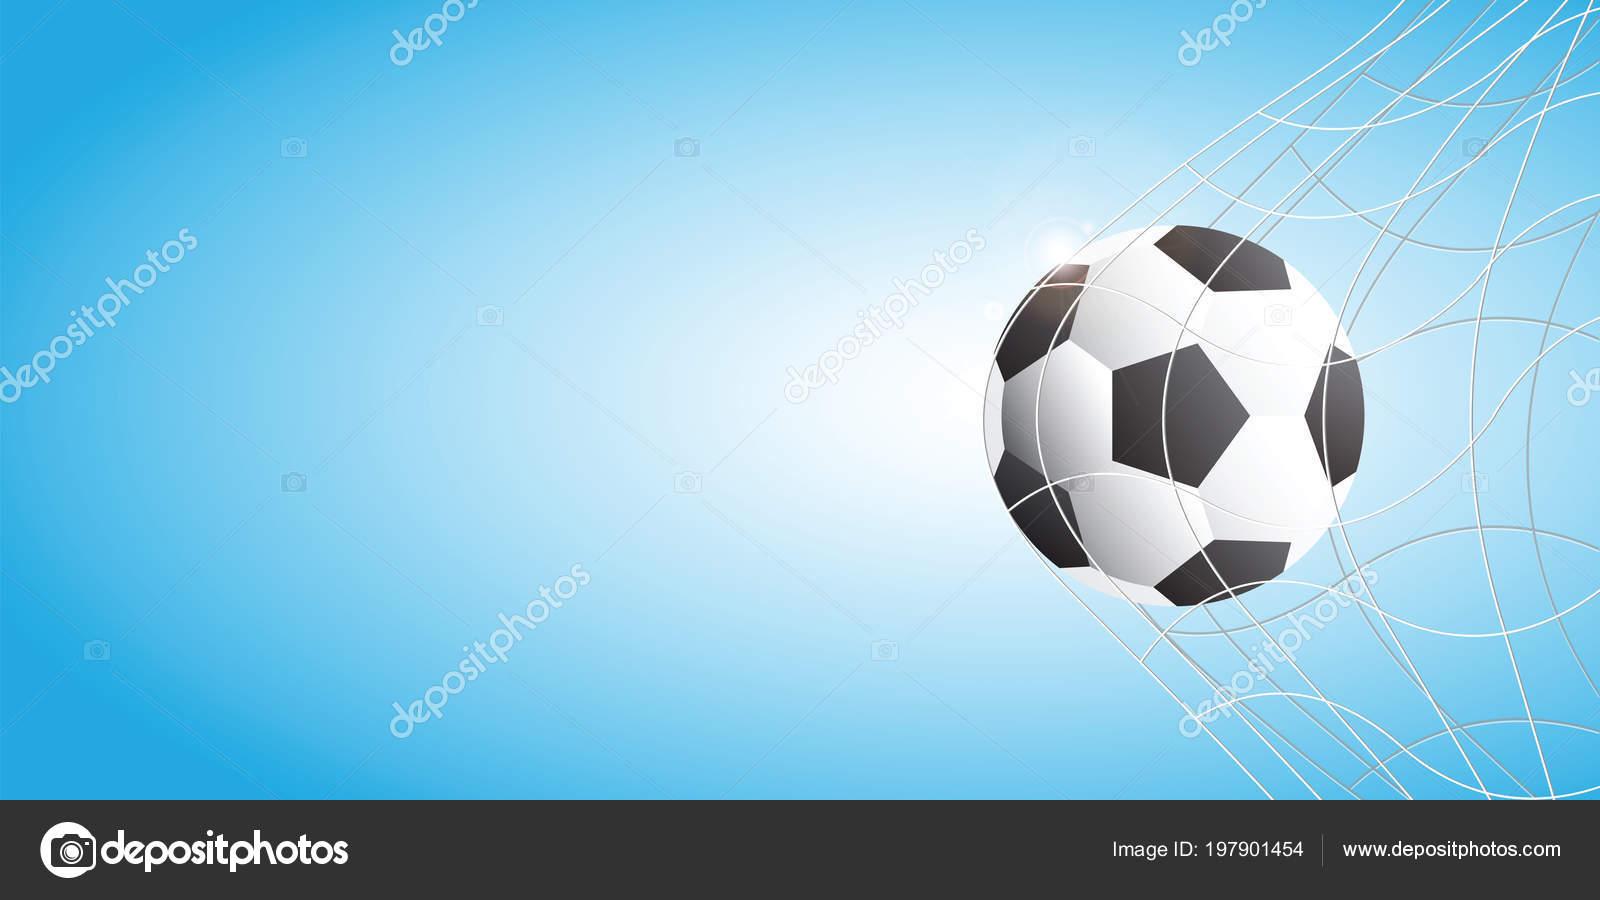 Calcio Calcio Rete Sfondo Blu Illustrazione Vettoriale Obiettivo